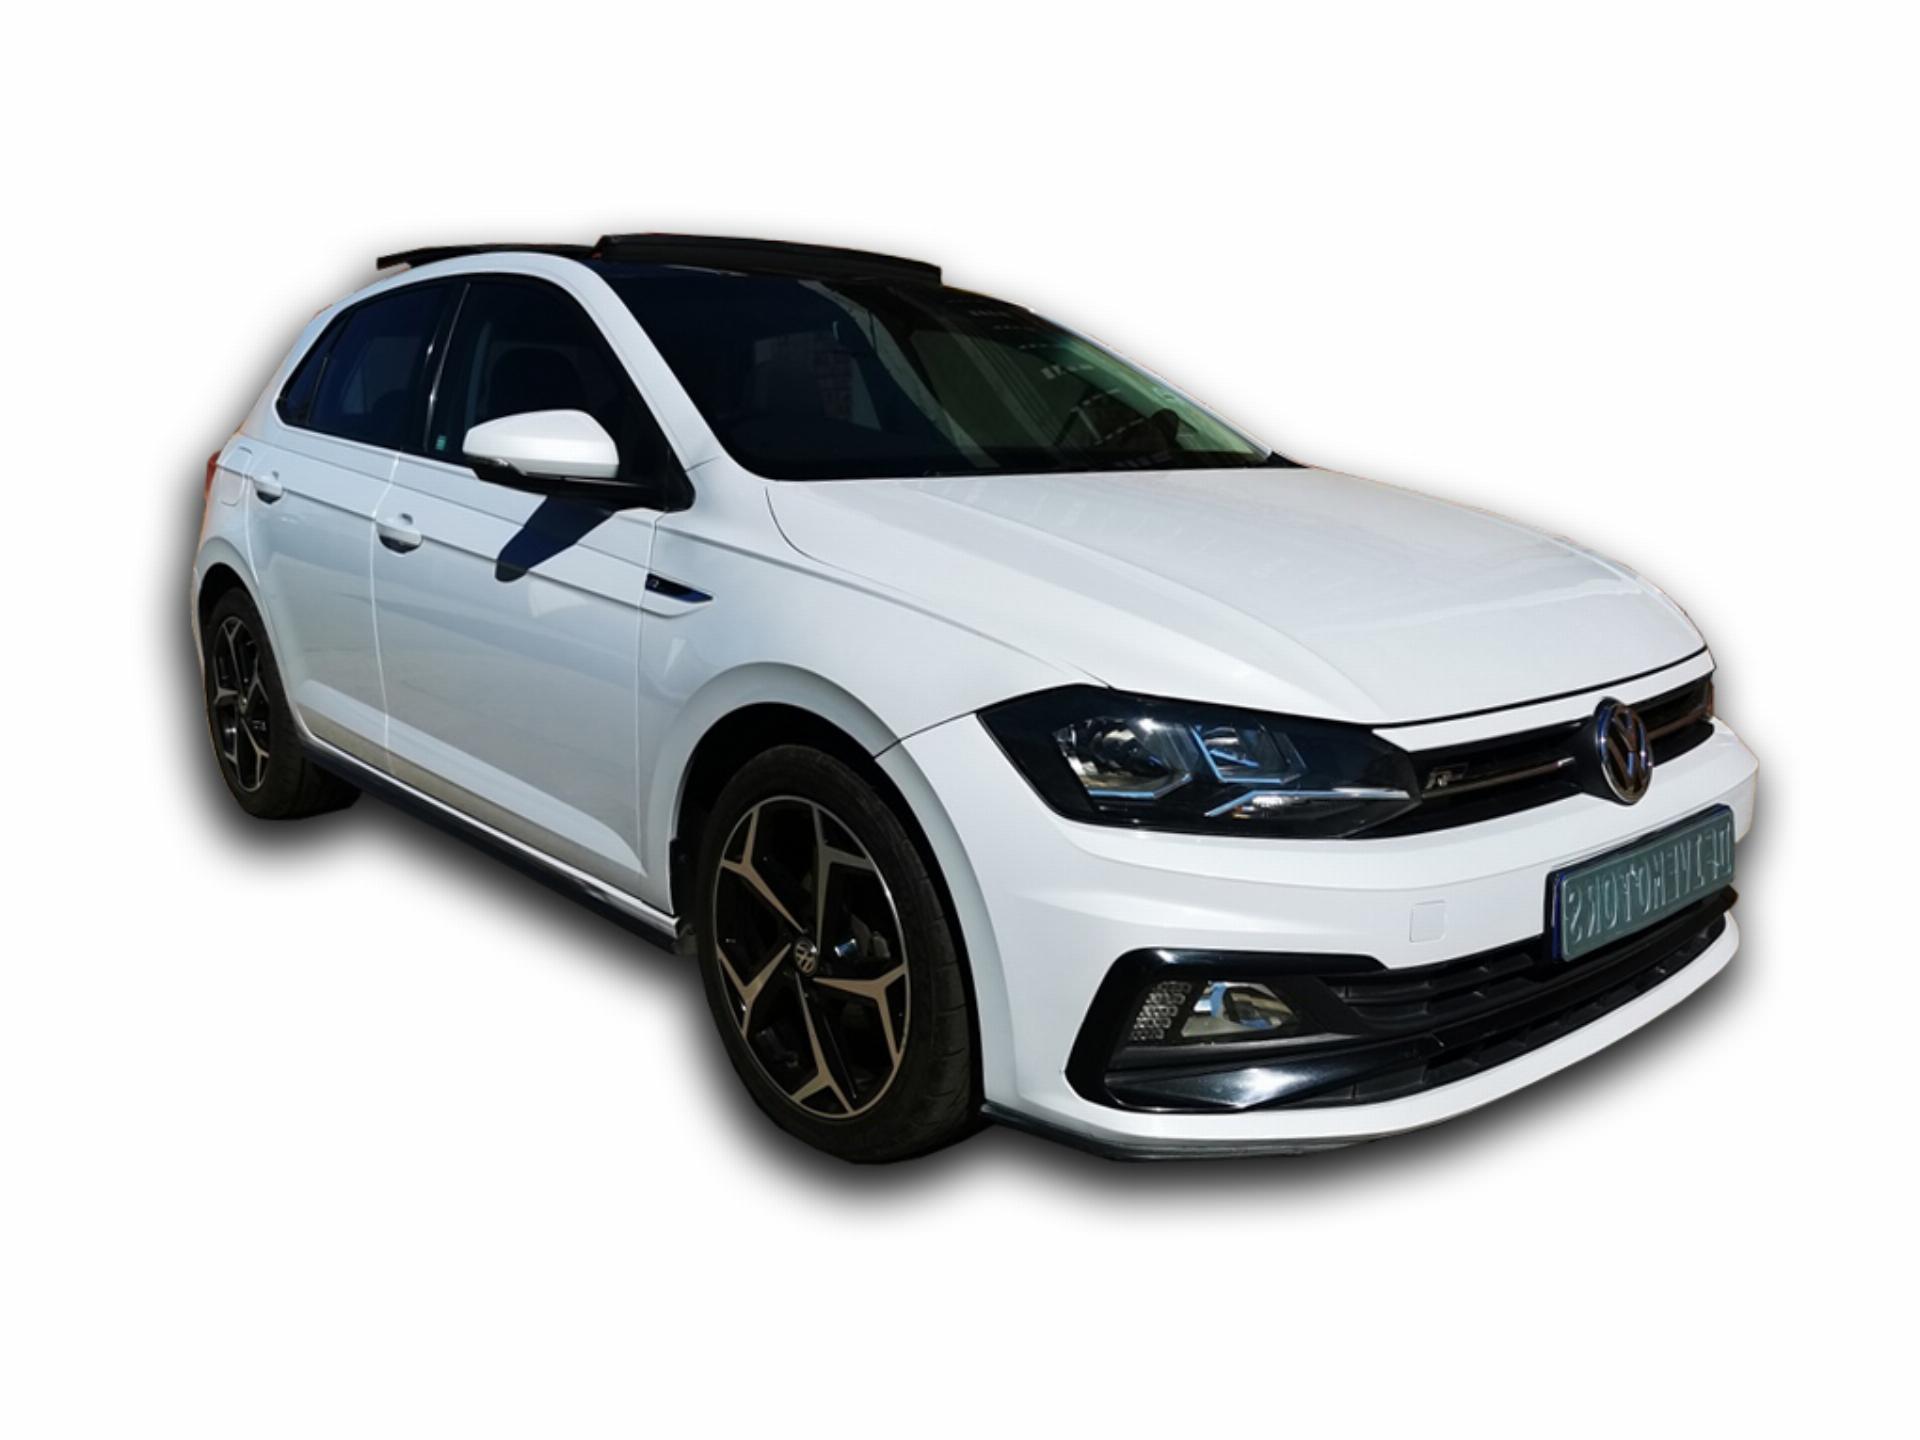 VW Polo 1.4 Tsi R Line